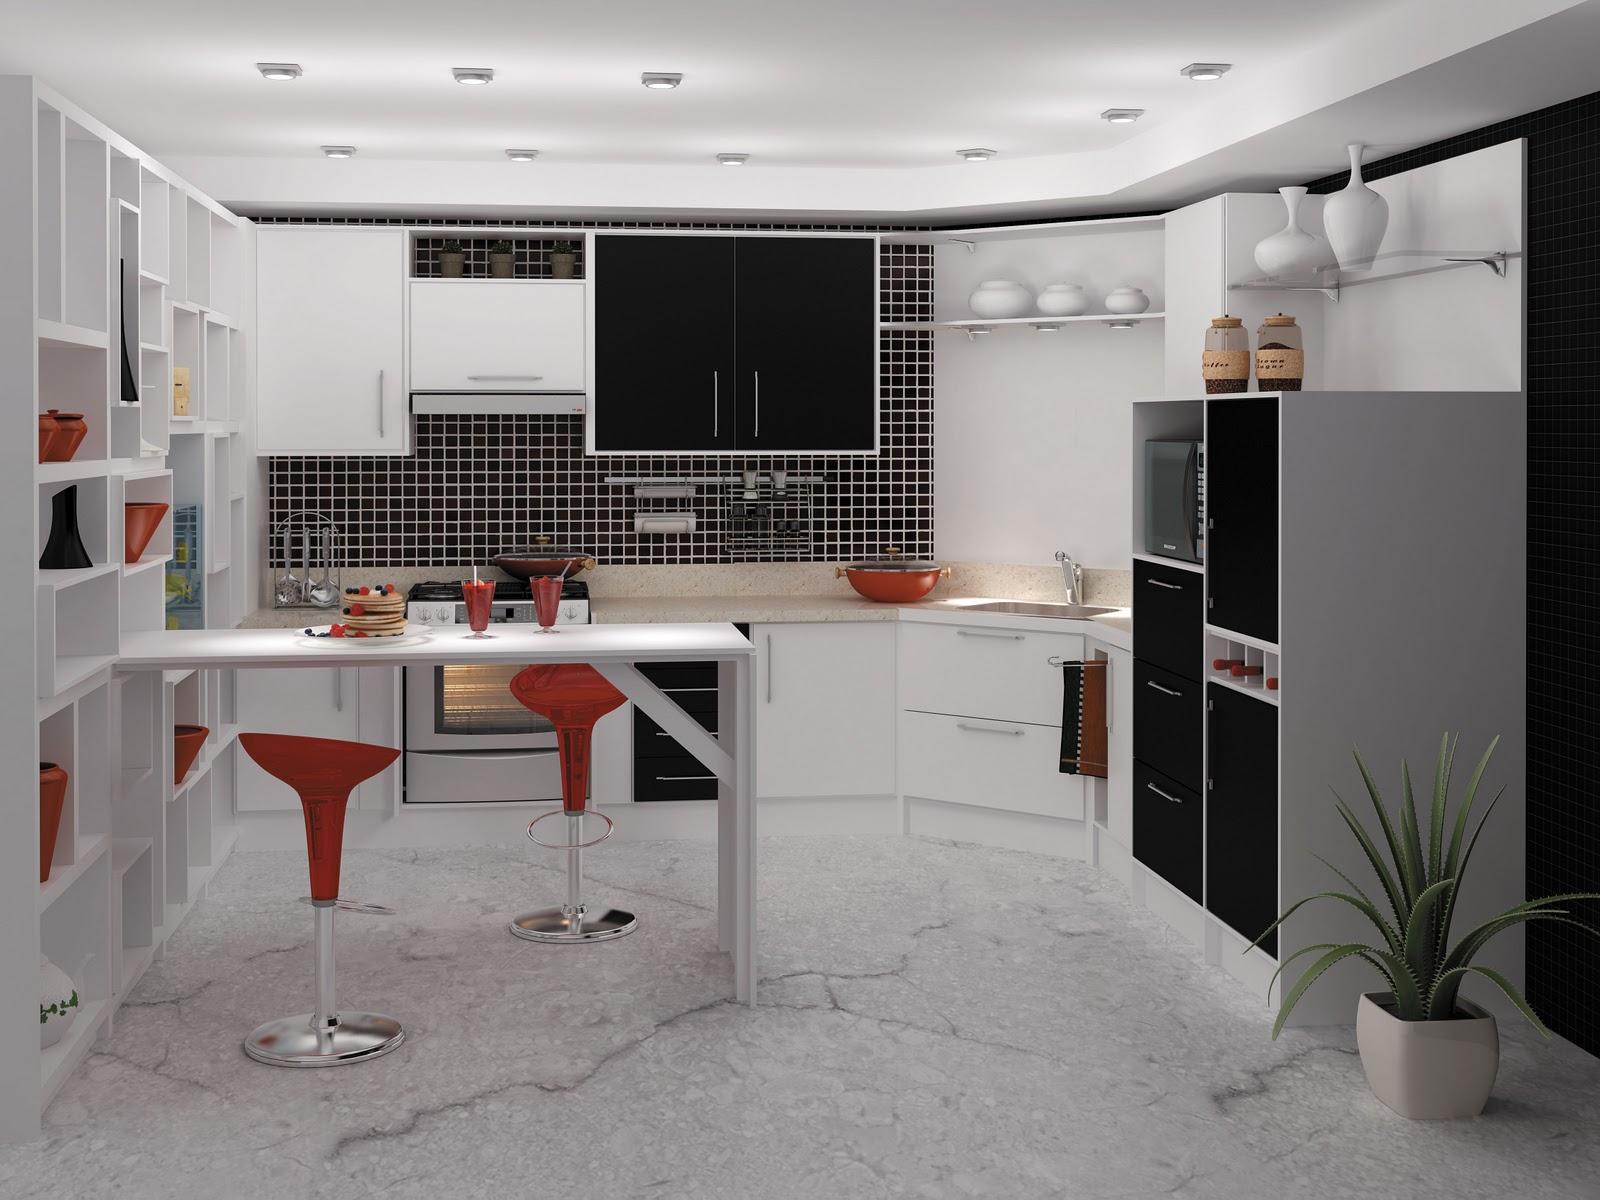 #683830 Cozinhas Planejadas em Preto e Branco Bella Kaza Móveis Planejados  1600x1200 px Projetos De Cozinhas Planejadas Italinea #709 imagens